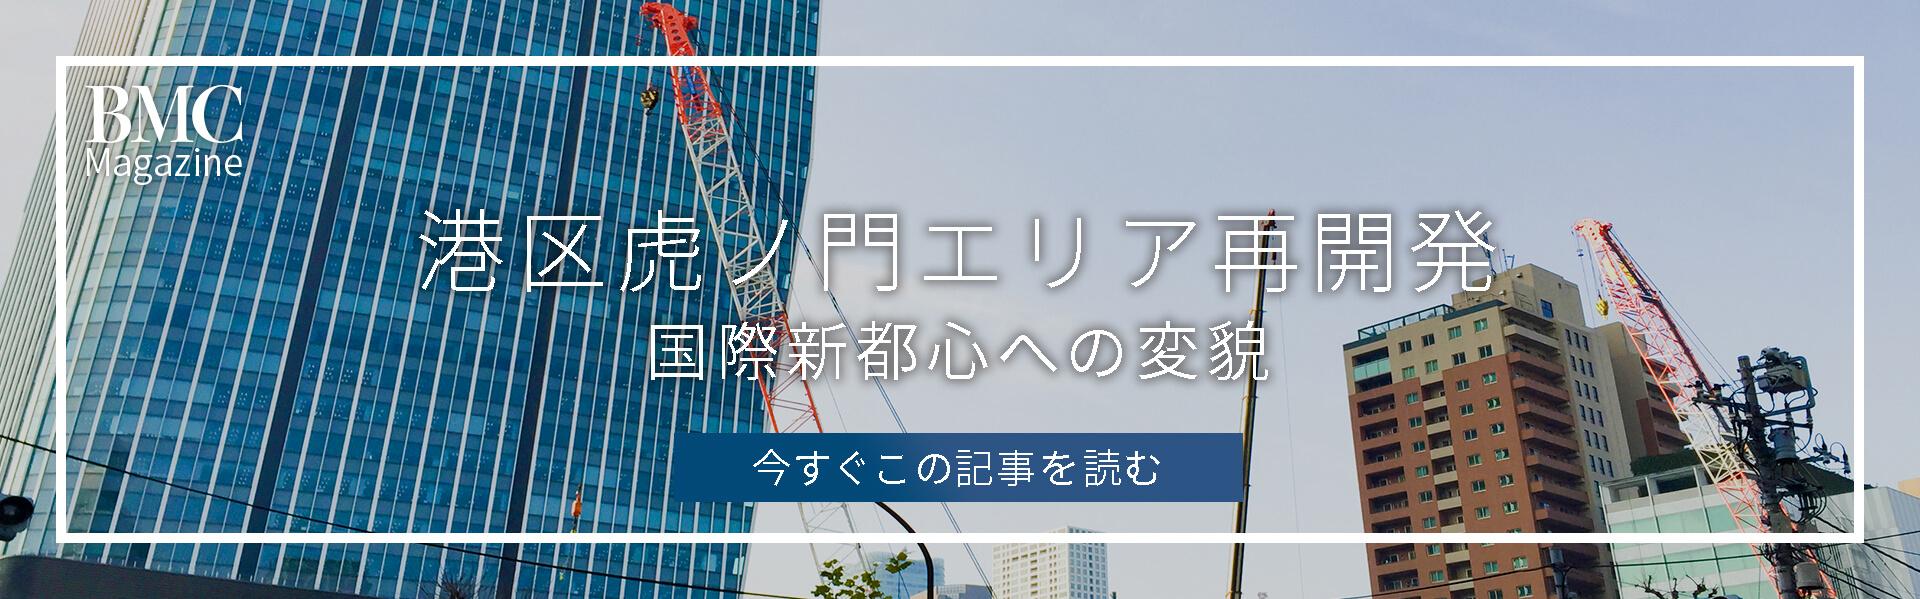 港区虎ノ門エリア再開発